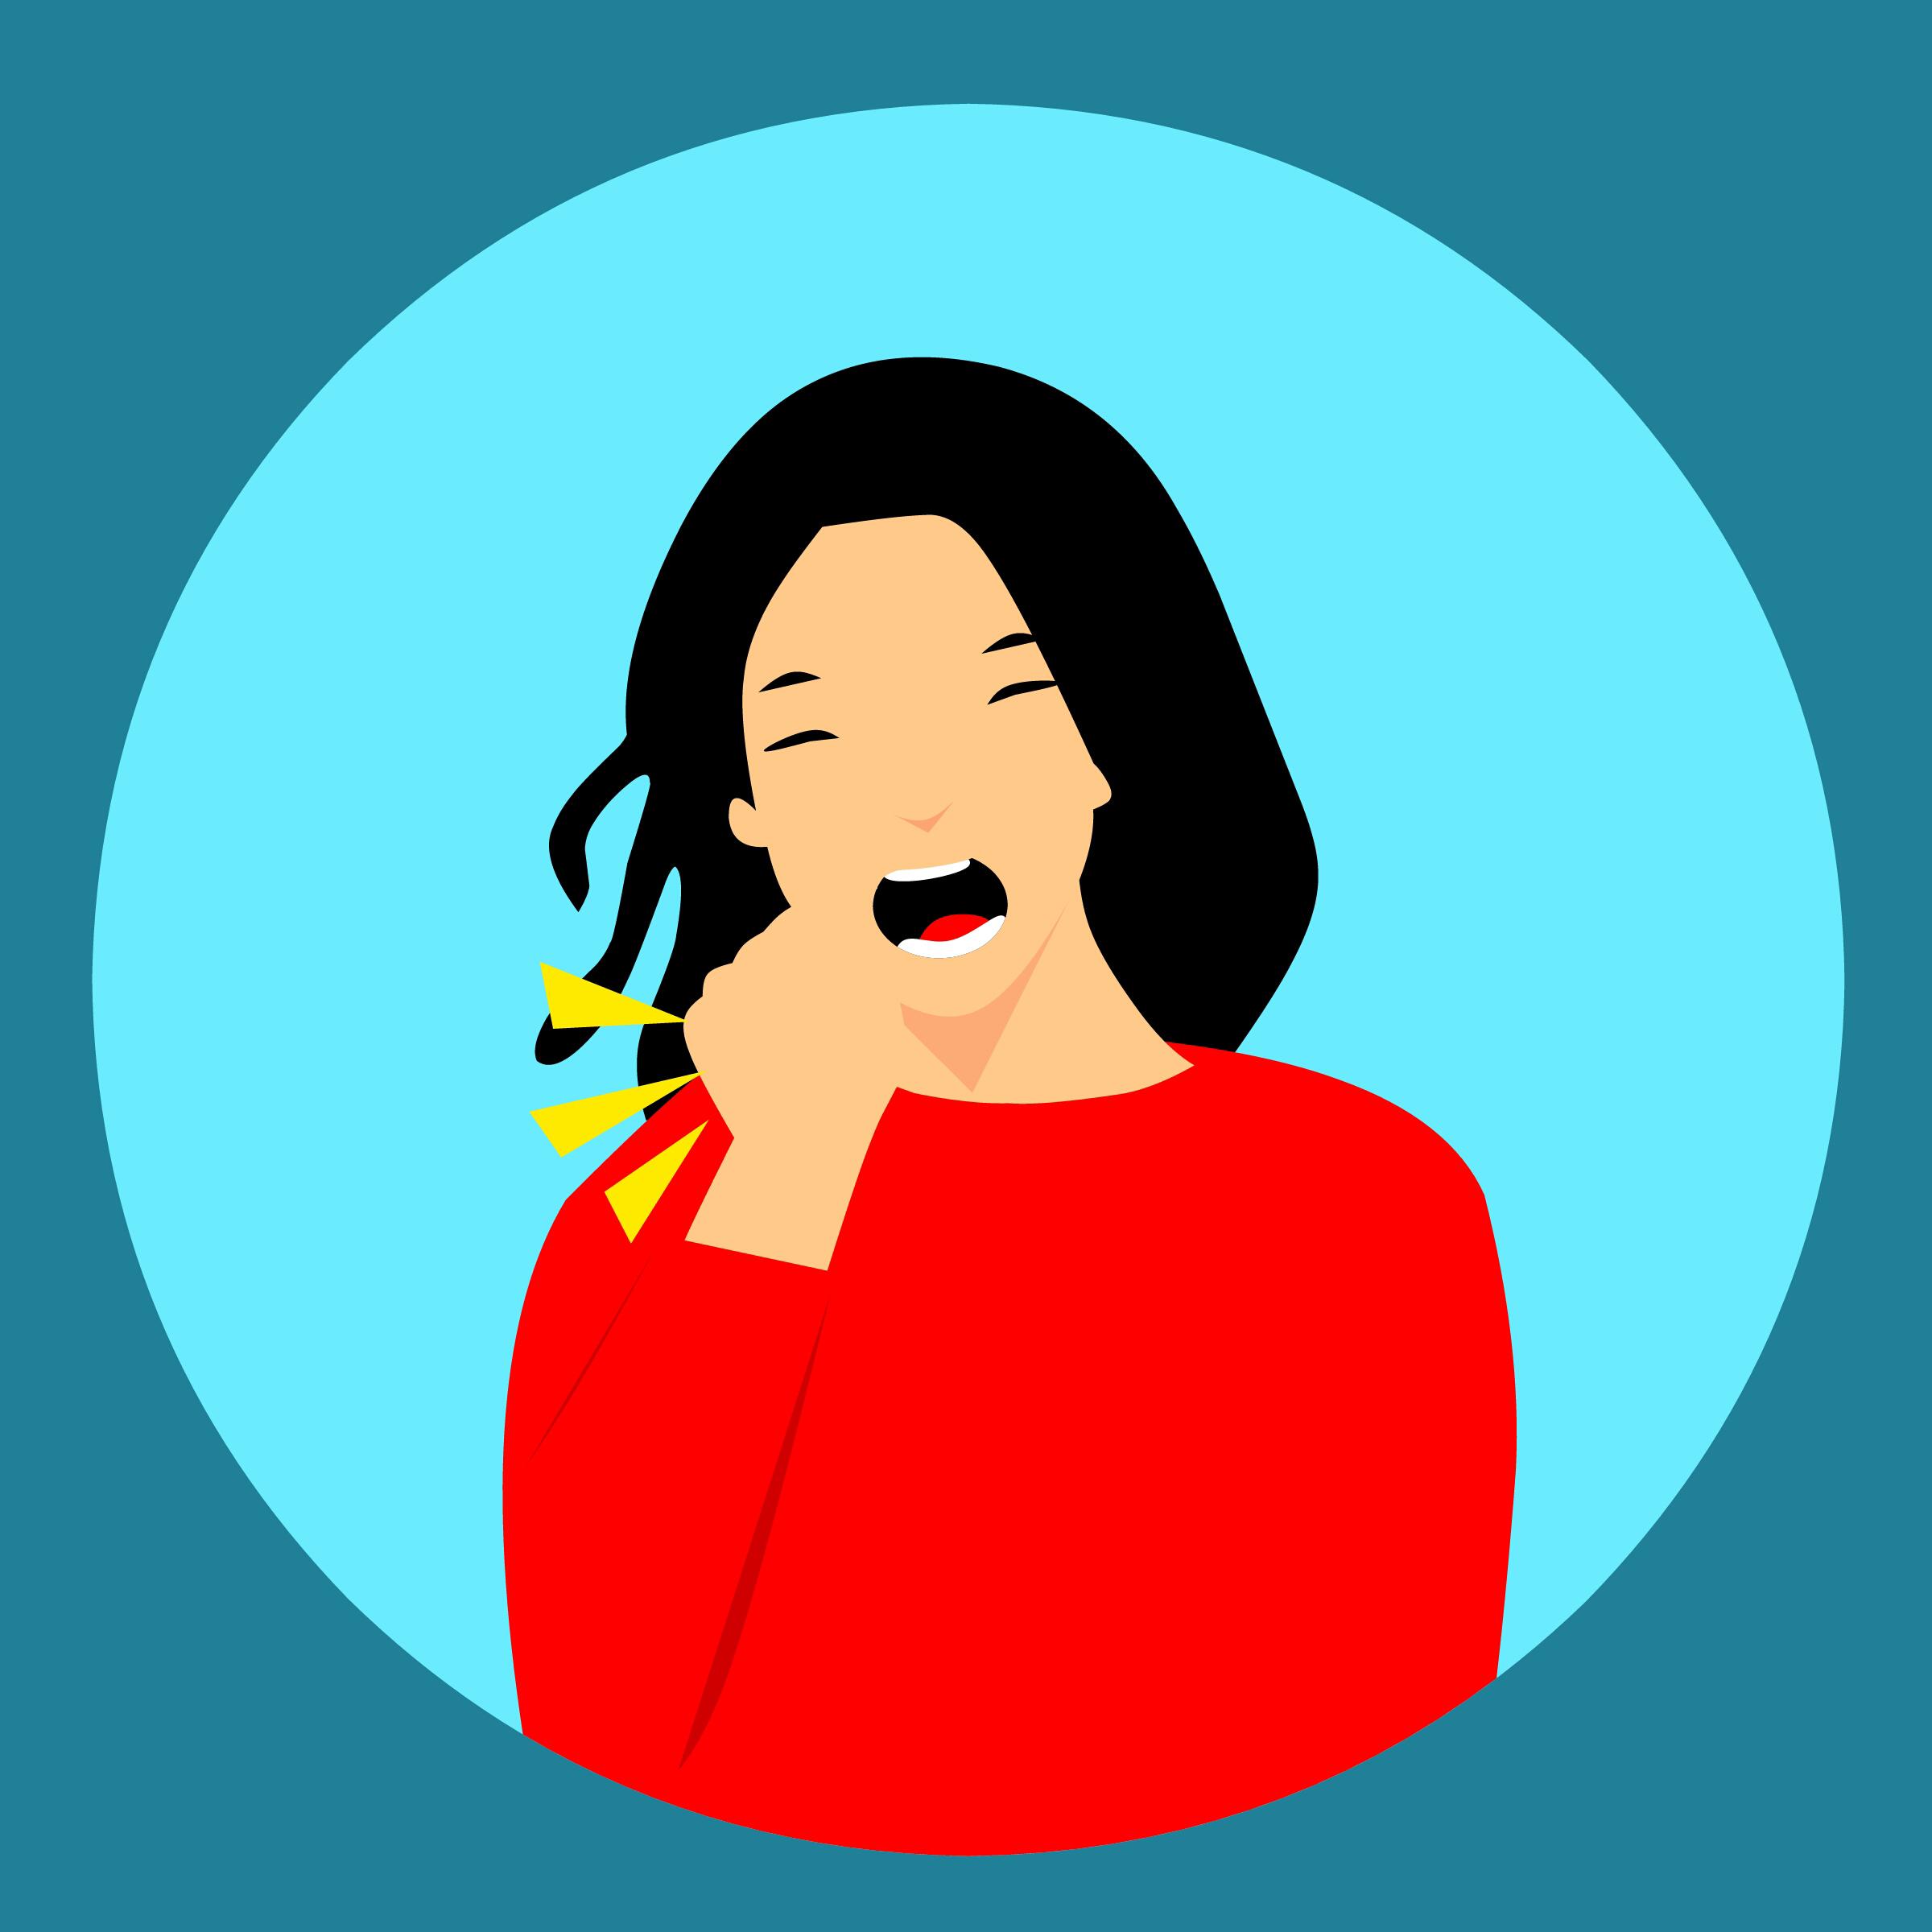 Gambar Batuk Dingin Flu Wanita Penyakit Menghadapi Demam